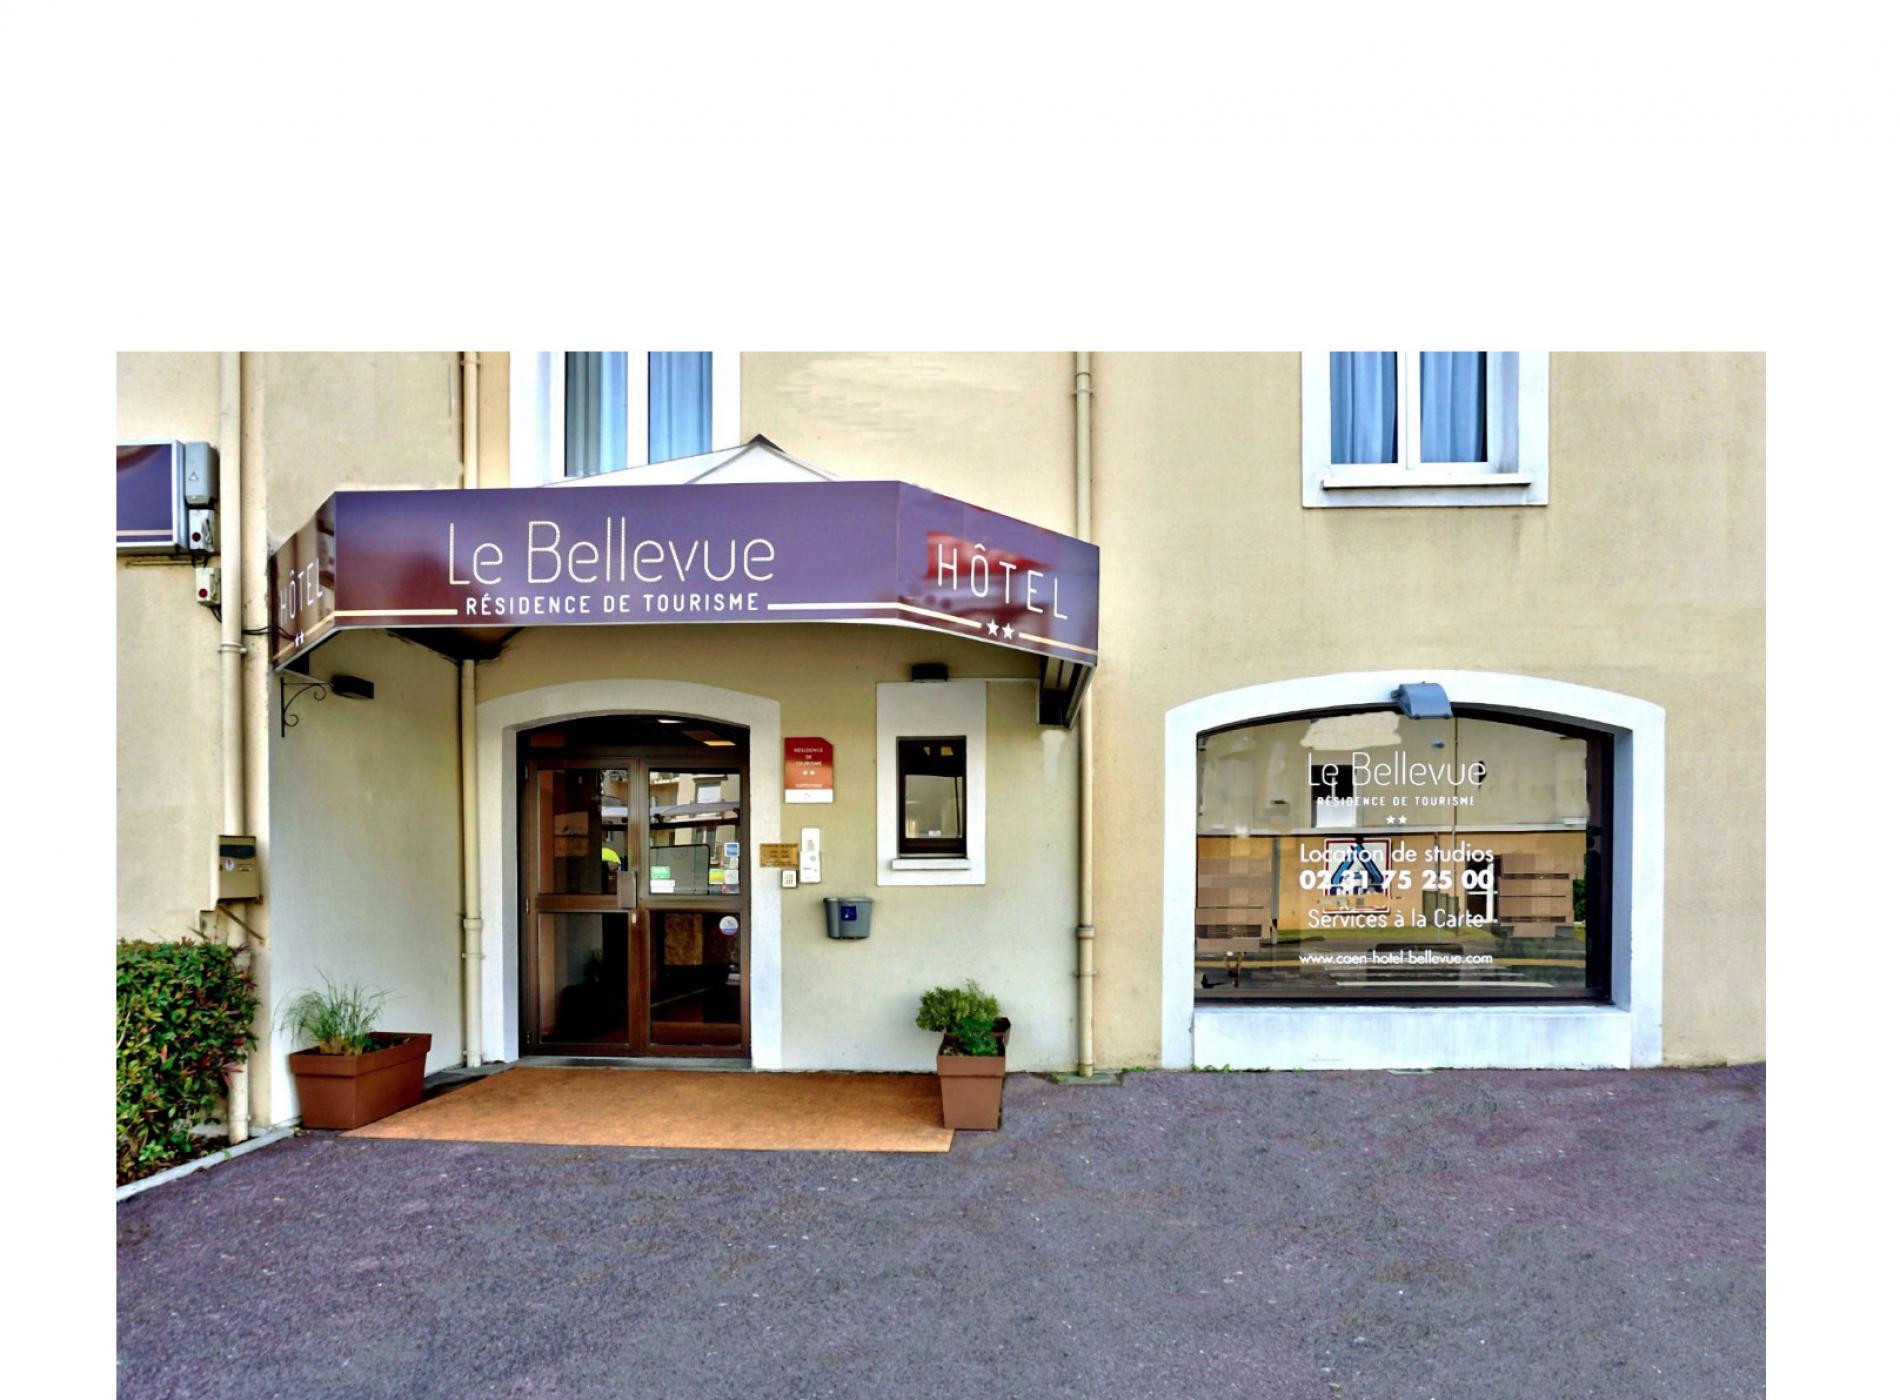 Le Bellevue résidence de tourisme